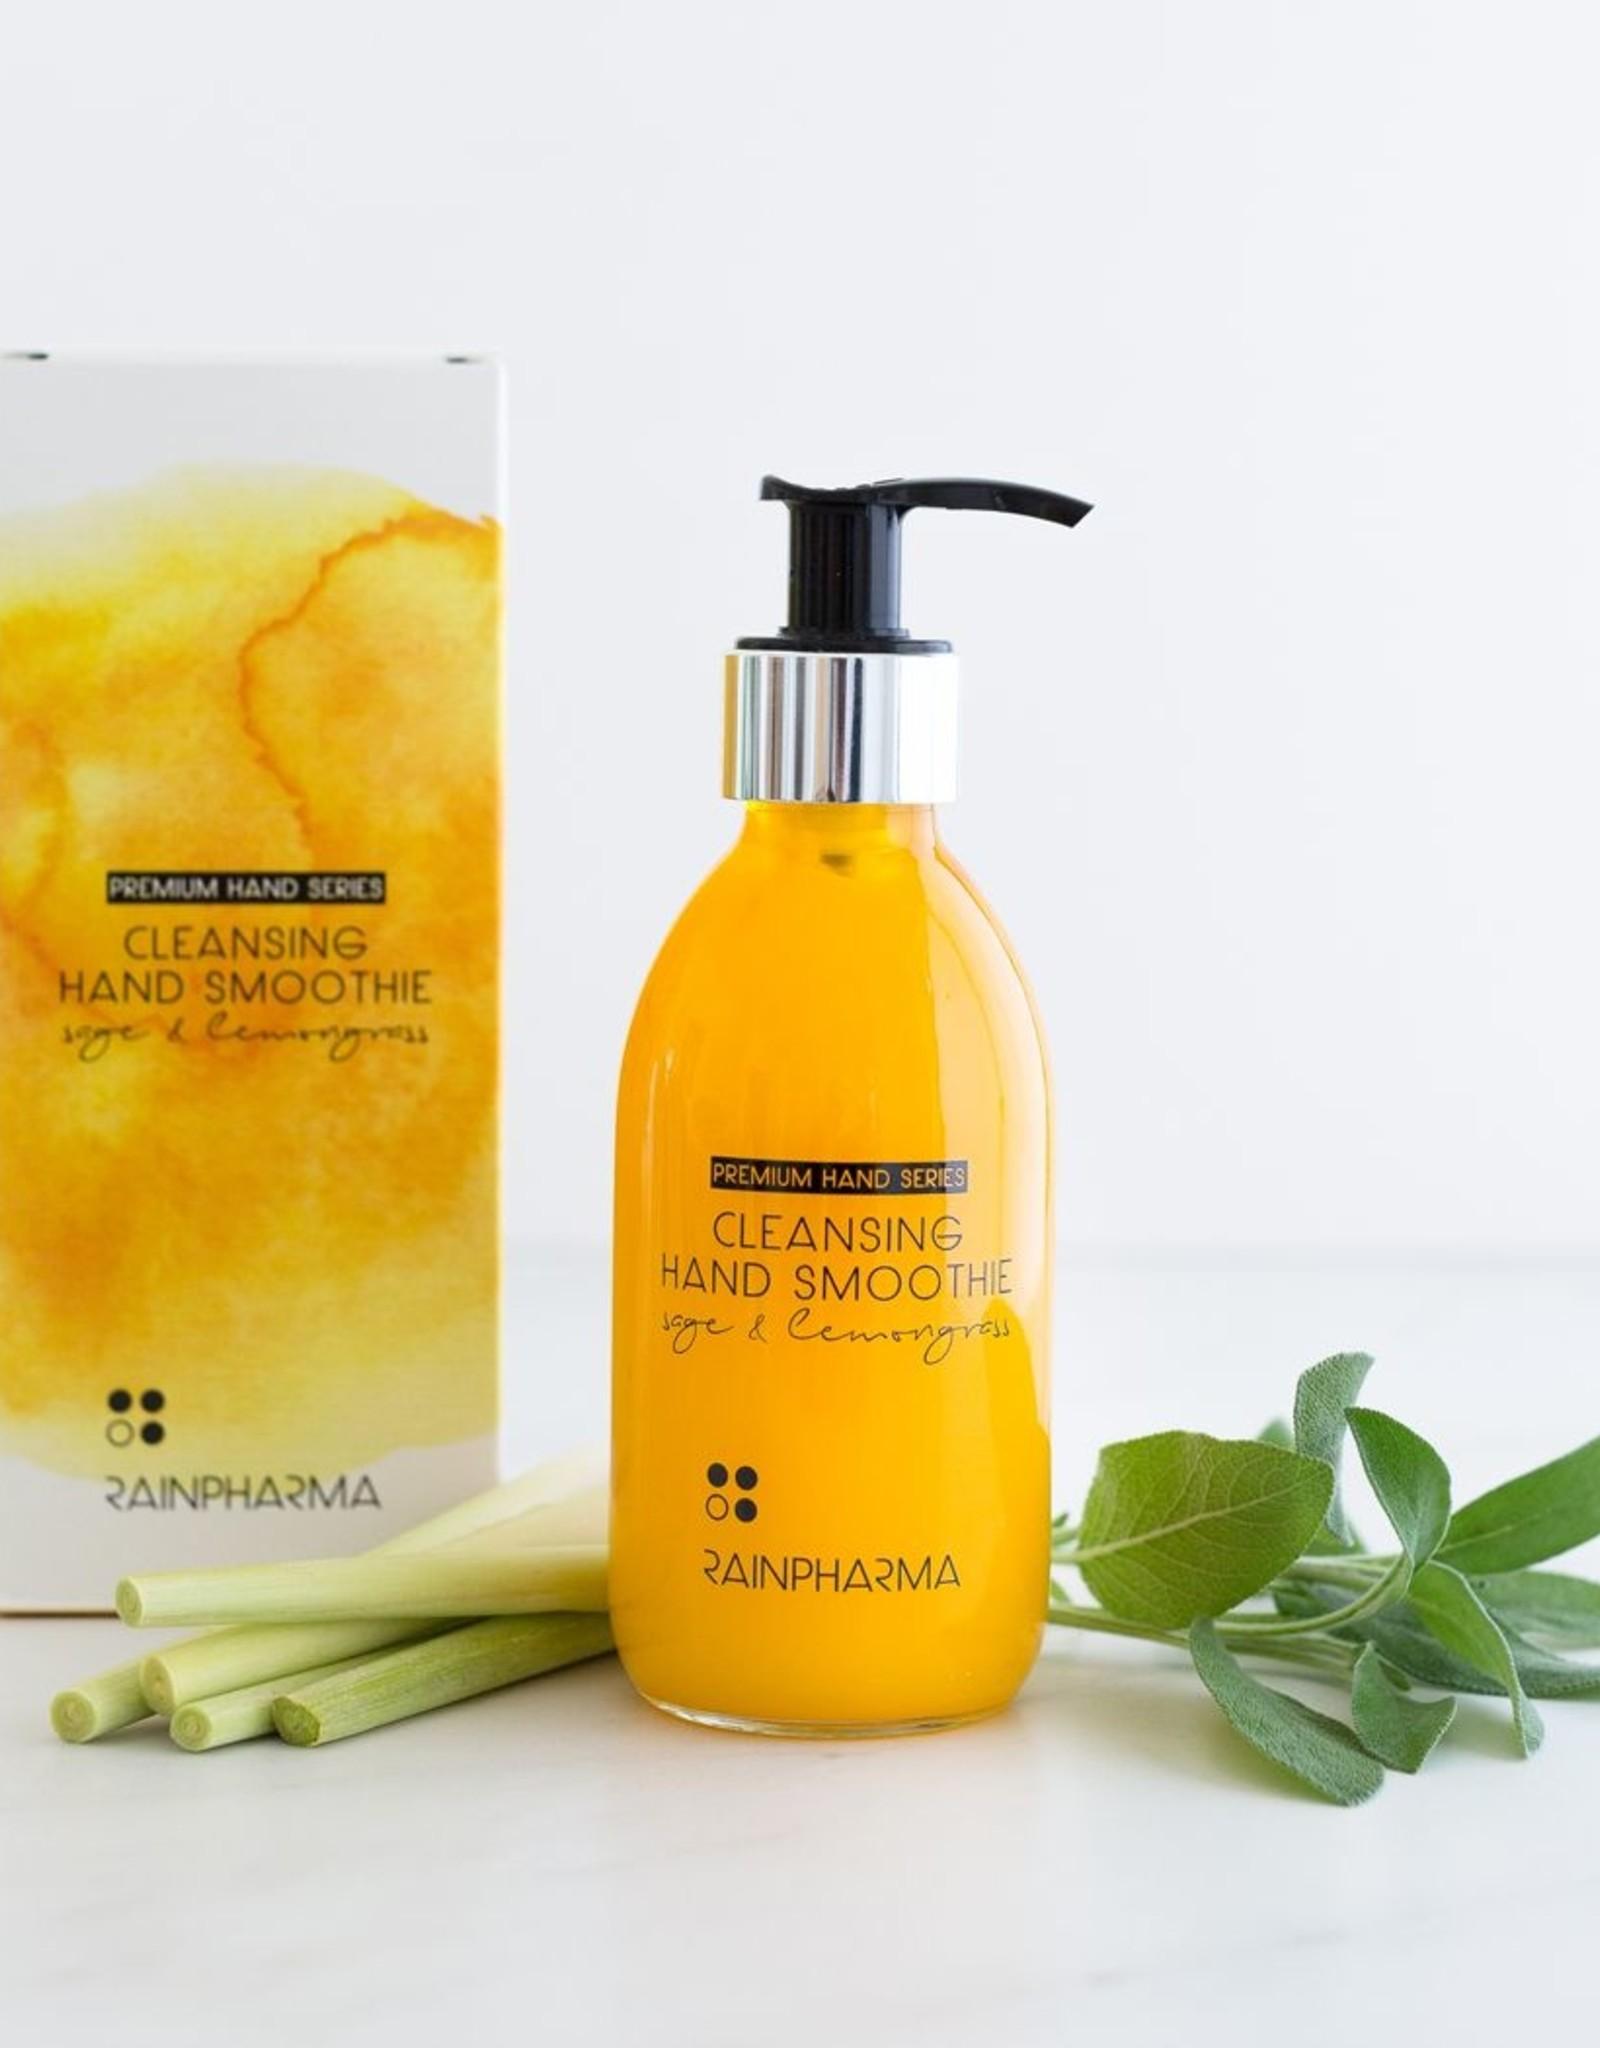 RainPharma Rainpharma - Cleansing Hand Smoothie Sage & Lemongrass 200ml